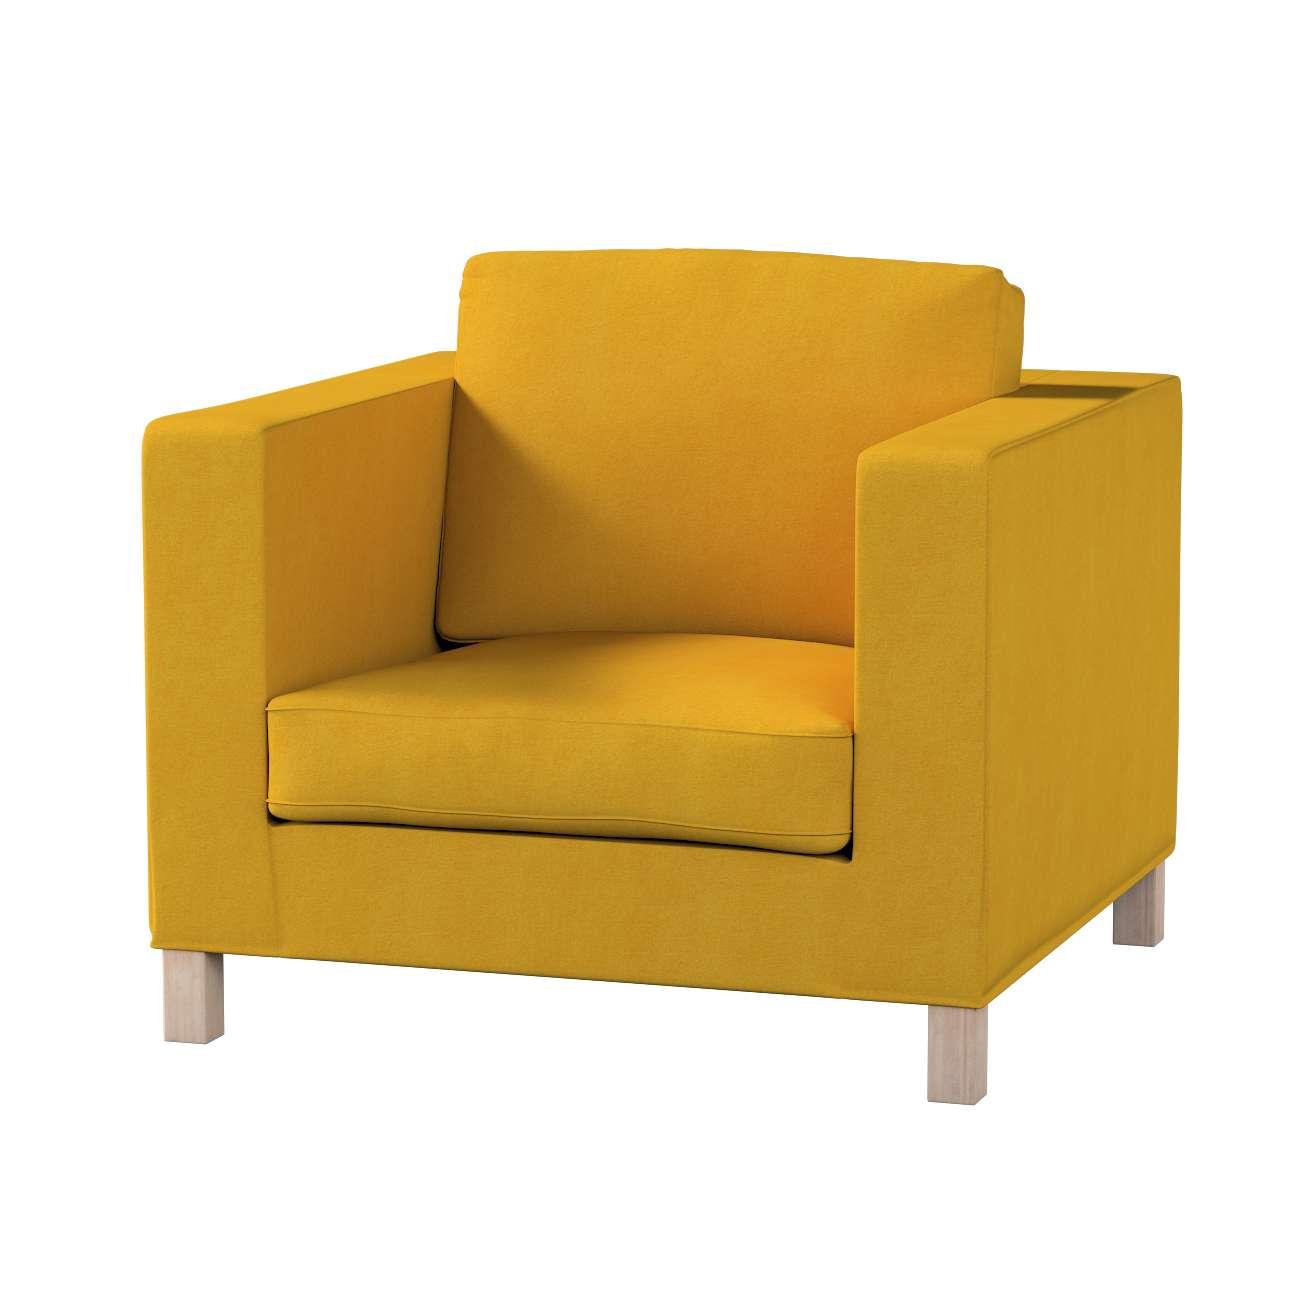 Pokrowiec na fotel Karlanda, krótki w kolekcji Etna , tkanina: 705-04